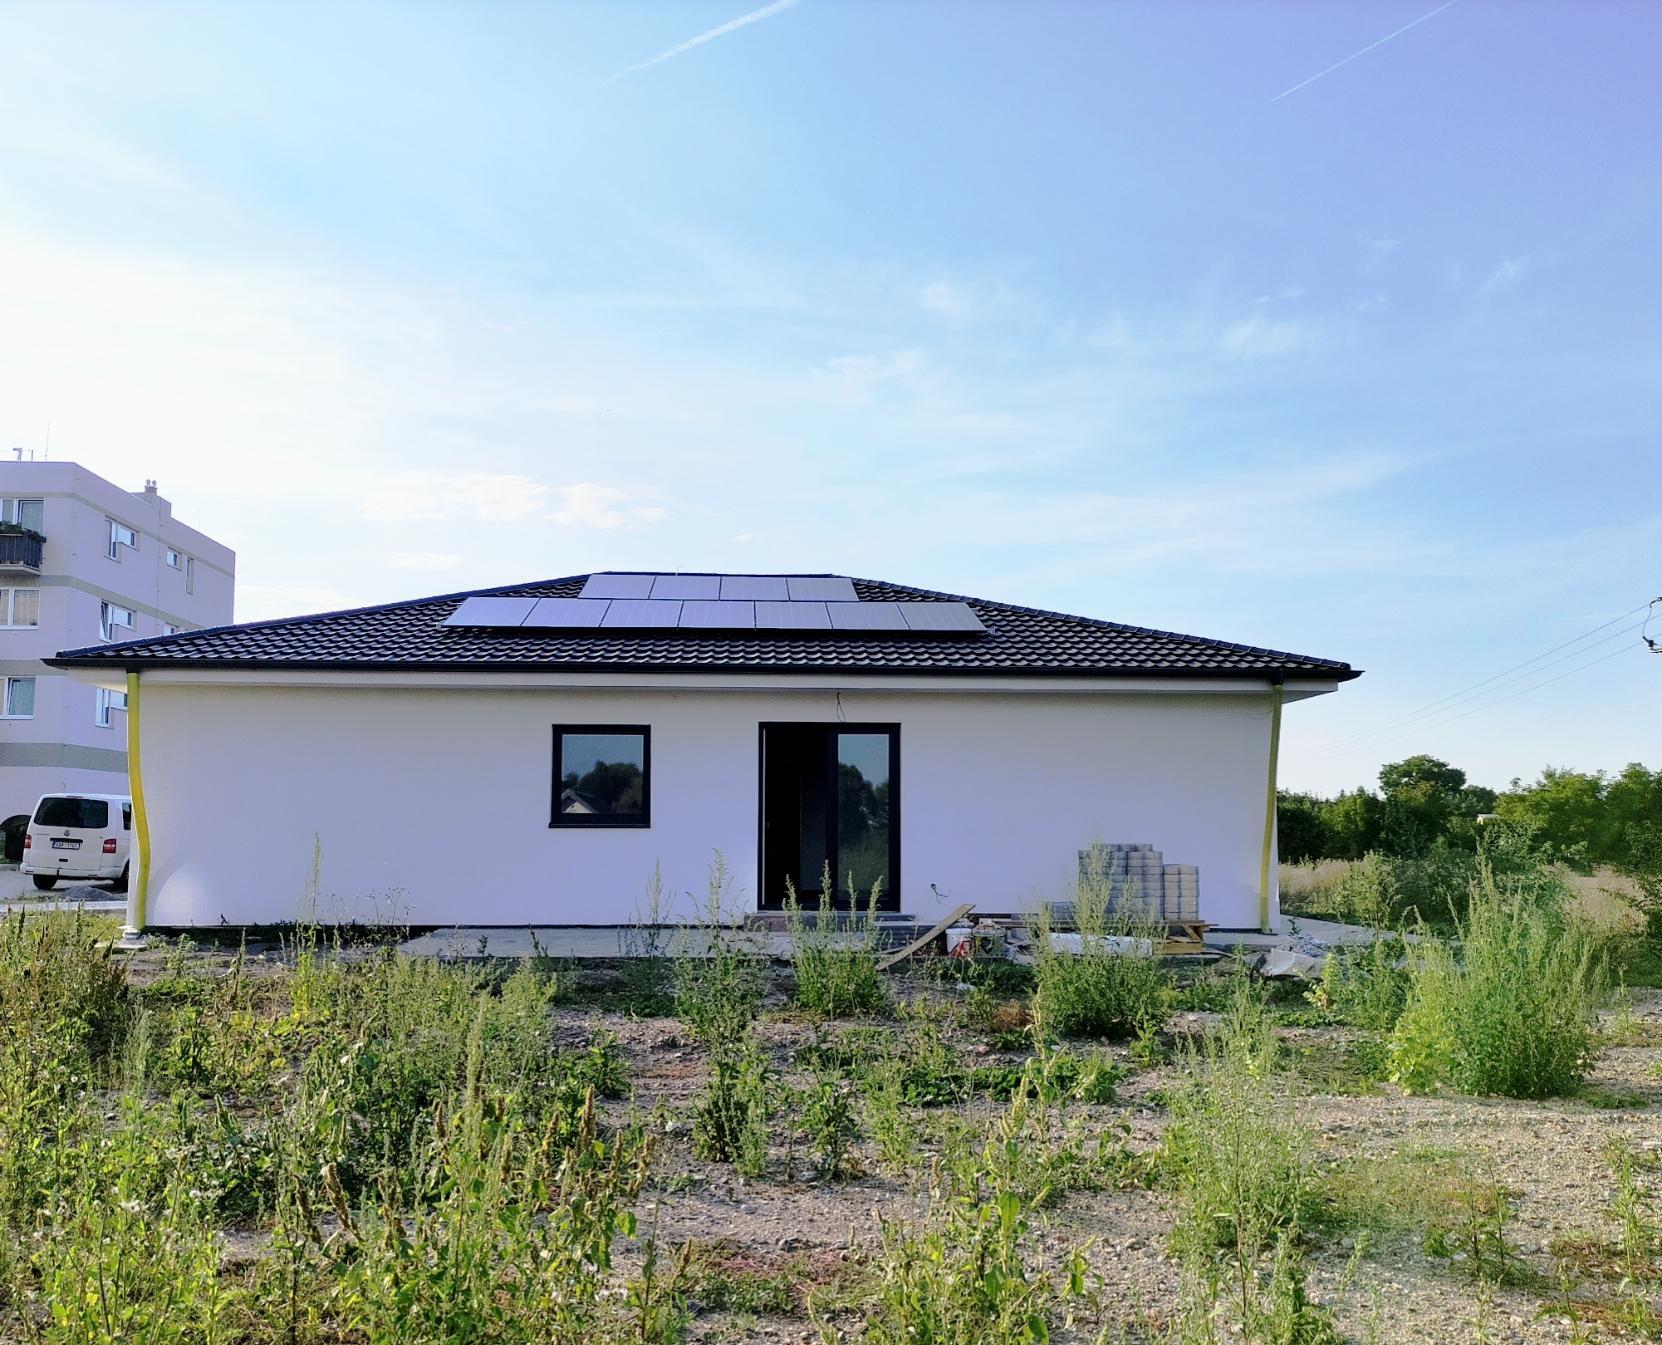 Náš budoucí domov...snad někdy - 10.9.2021 Soláry jsou na místě